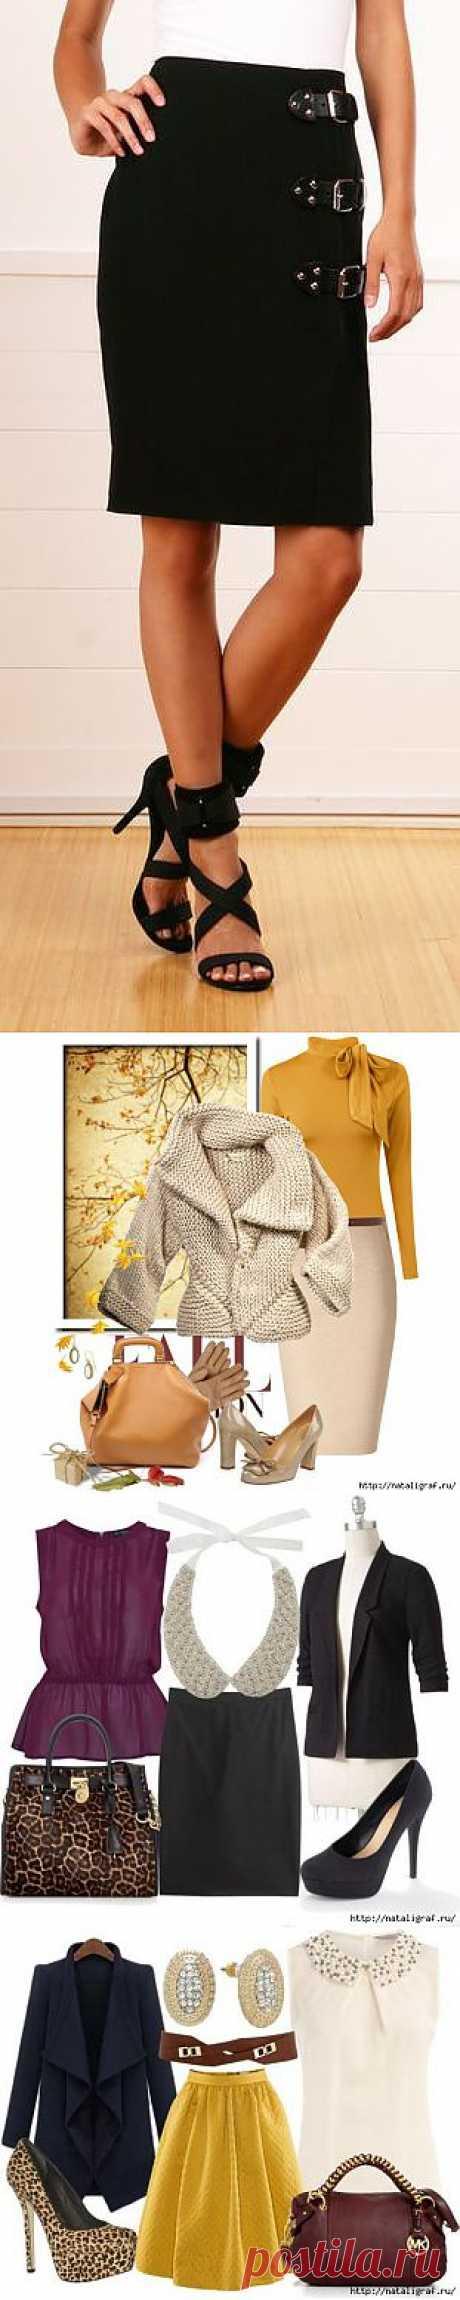 Юбки и модные цветовые сочетания .